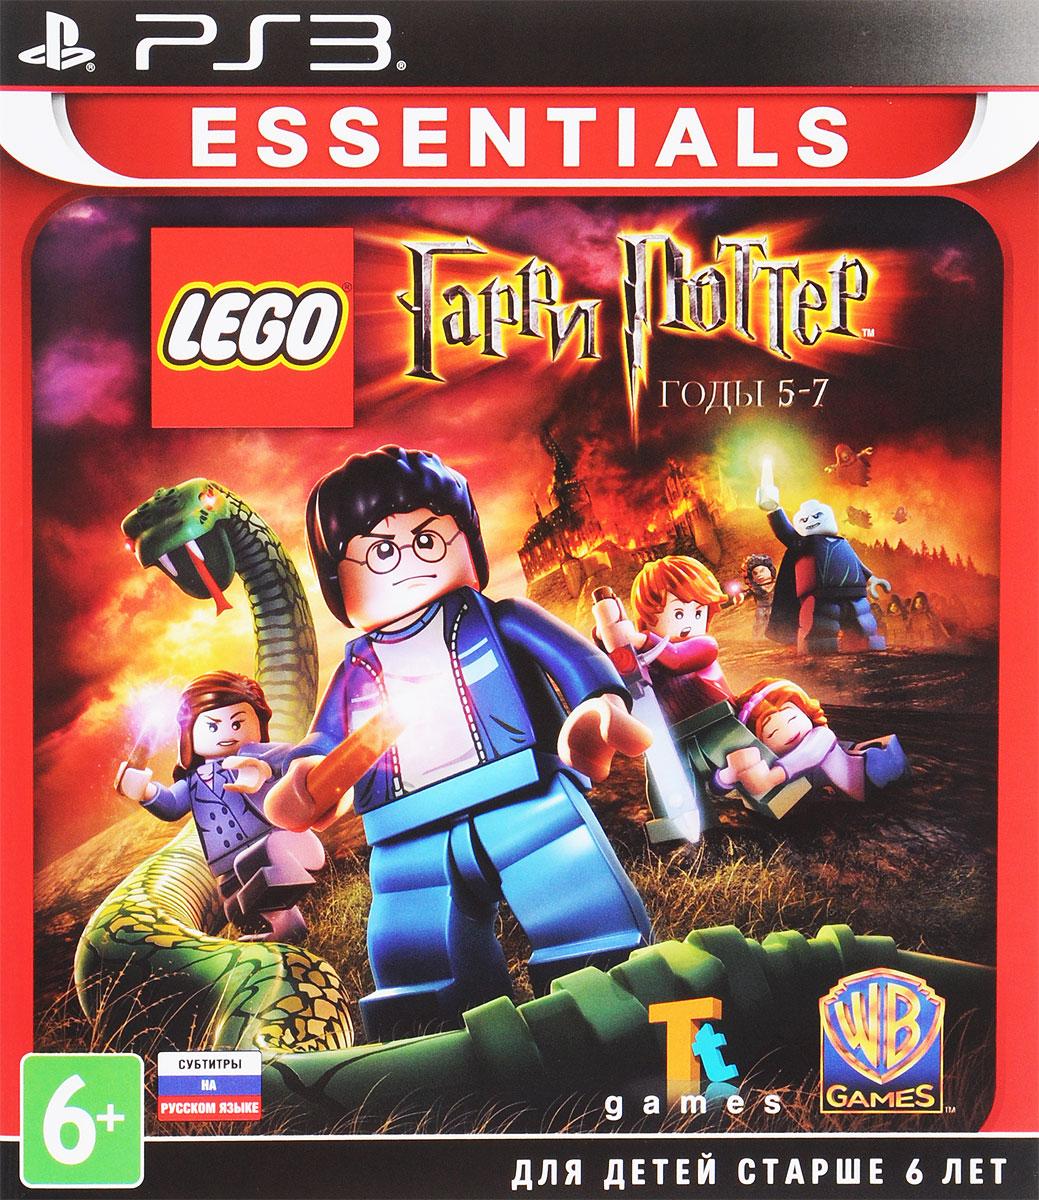 LEGO Гарри Поттер. Годы 5-7